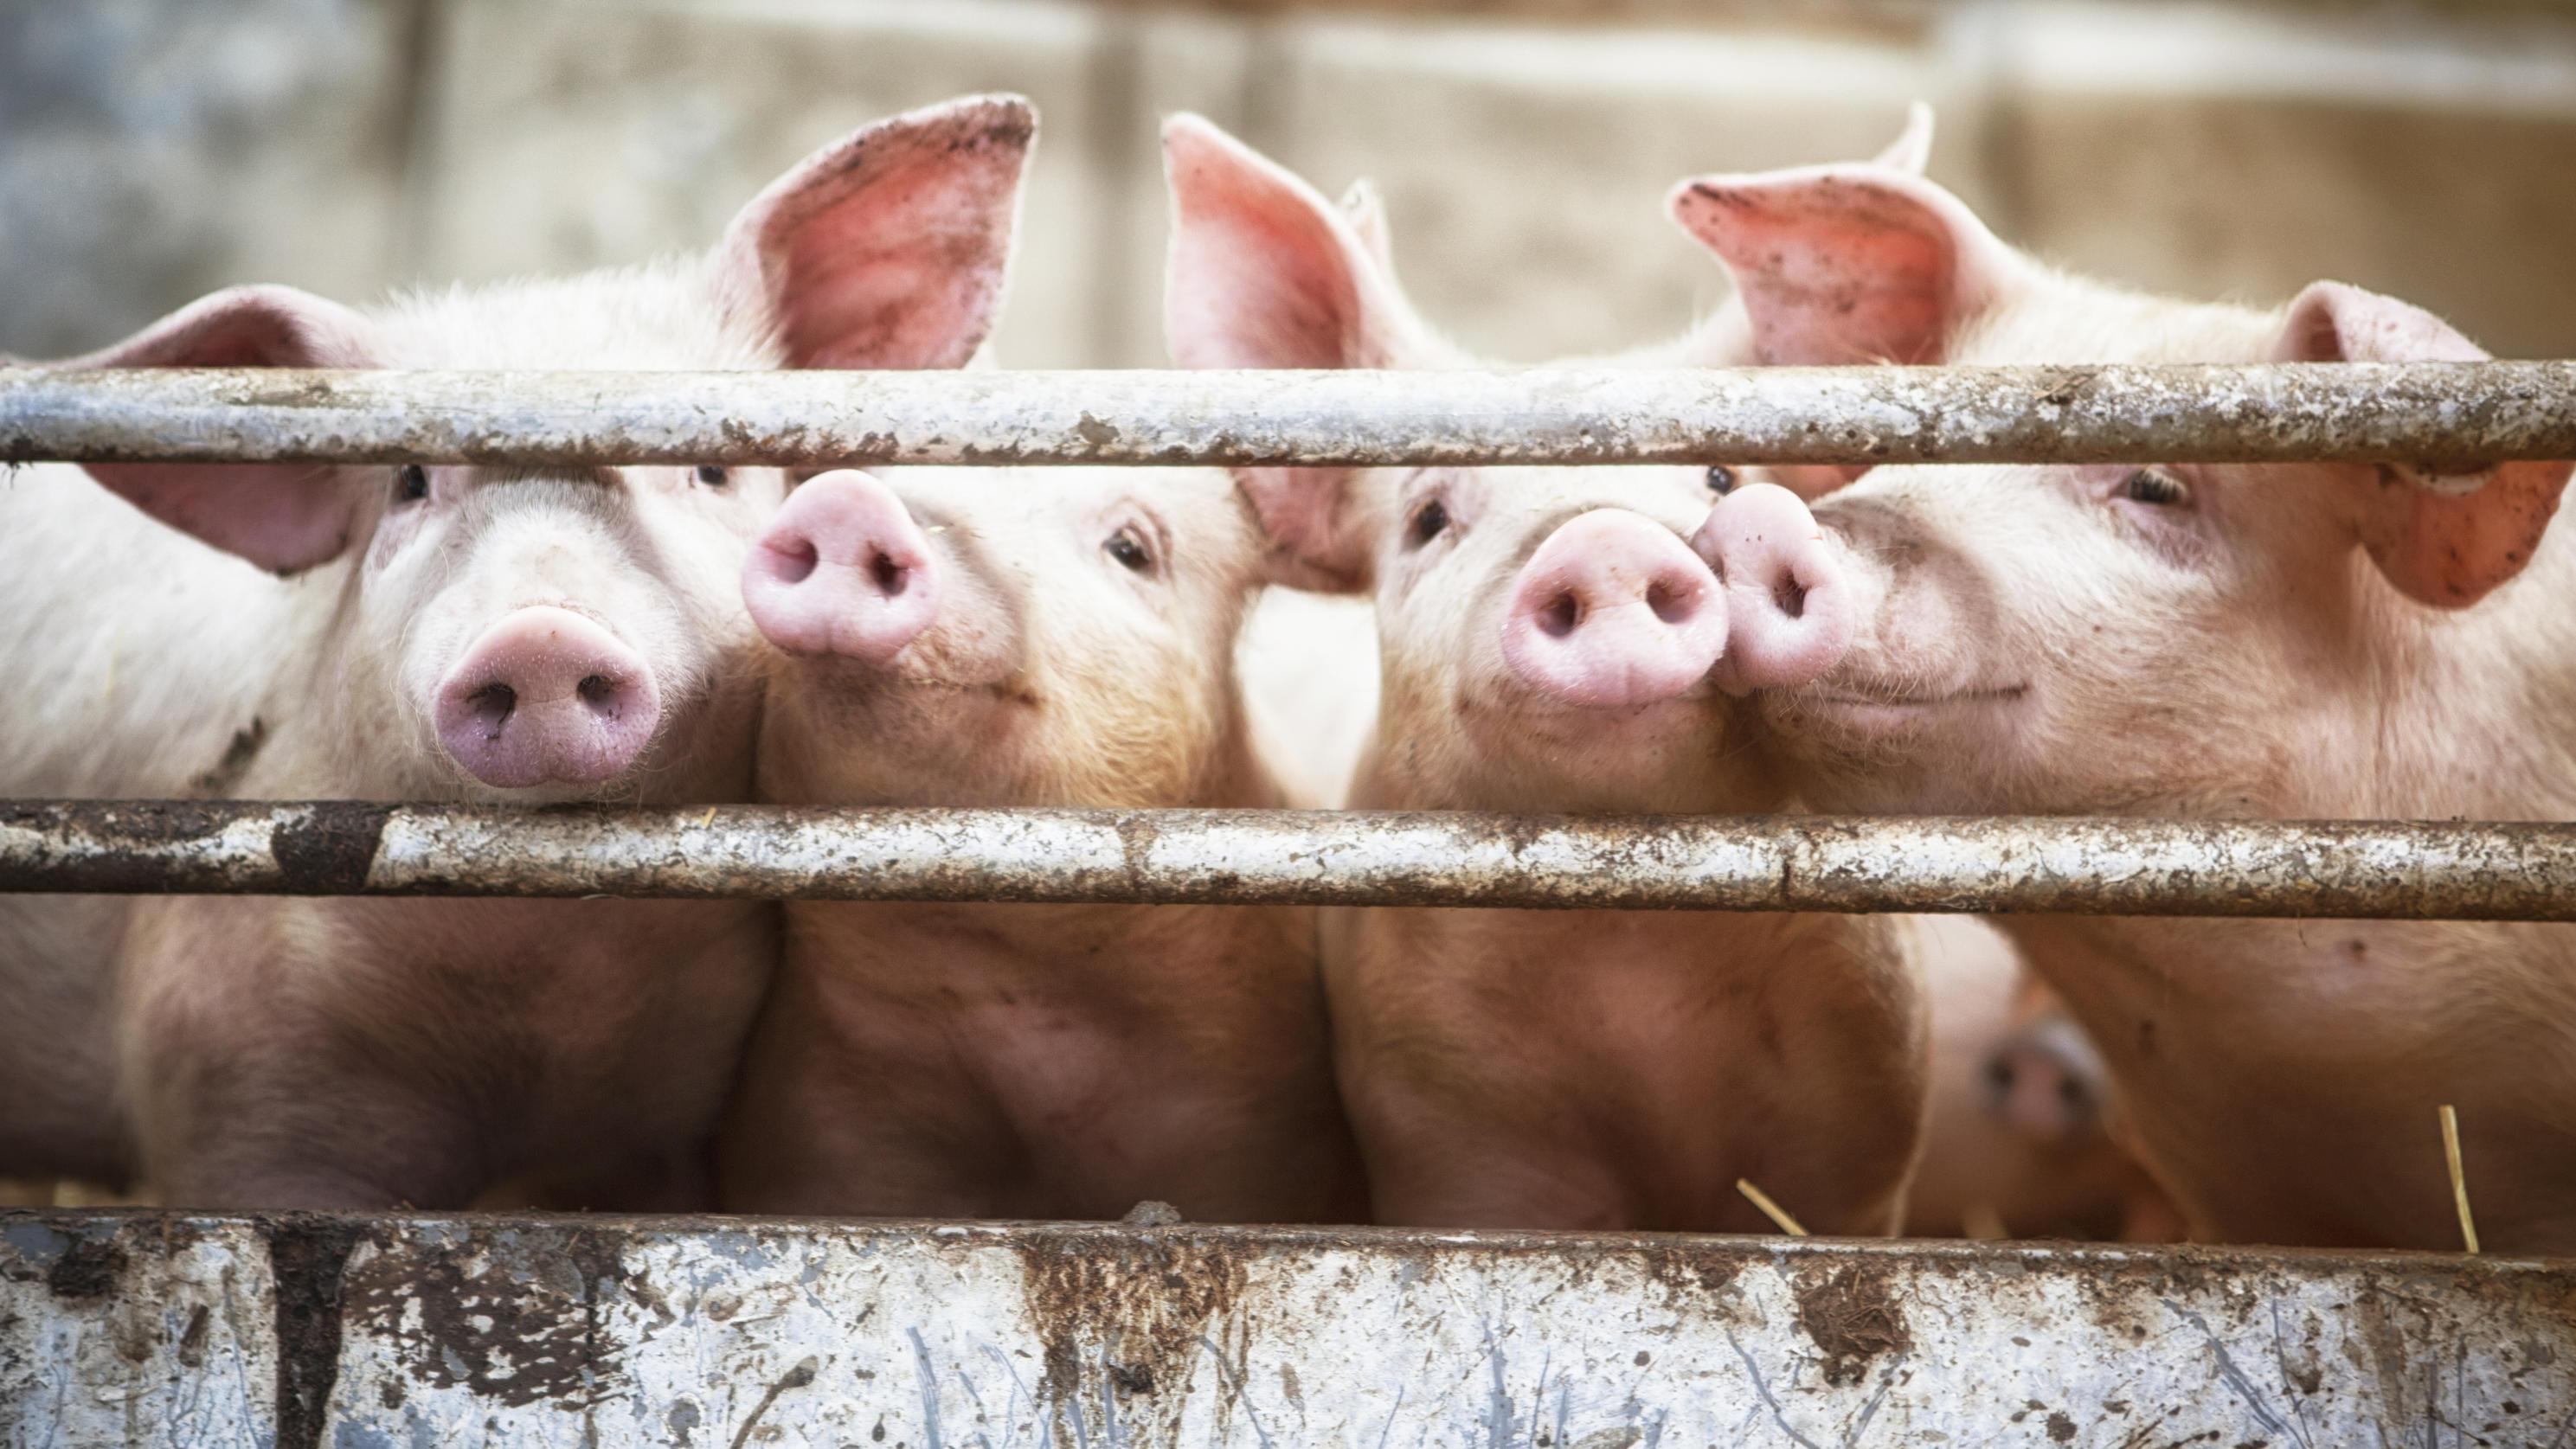 Arbeiter uriniert auf Fließband: US-Schlachter vernichtet 23.000 Kilo Fleisch